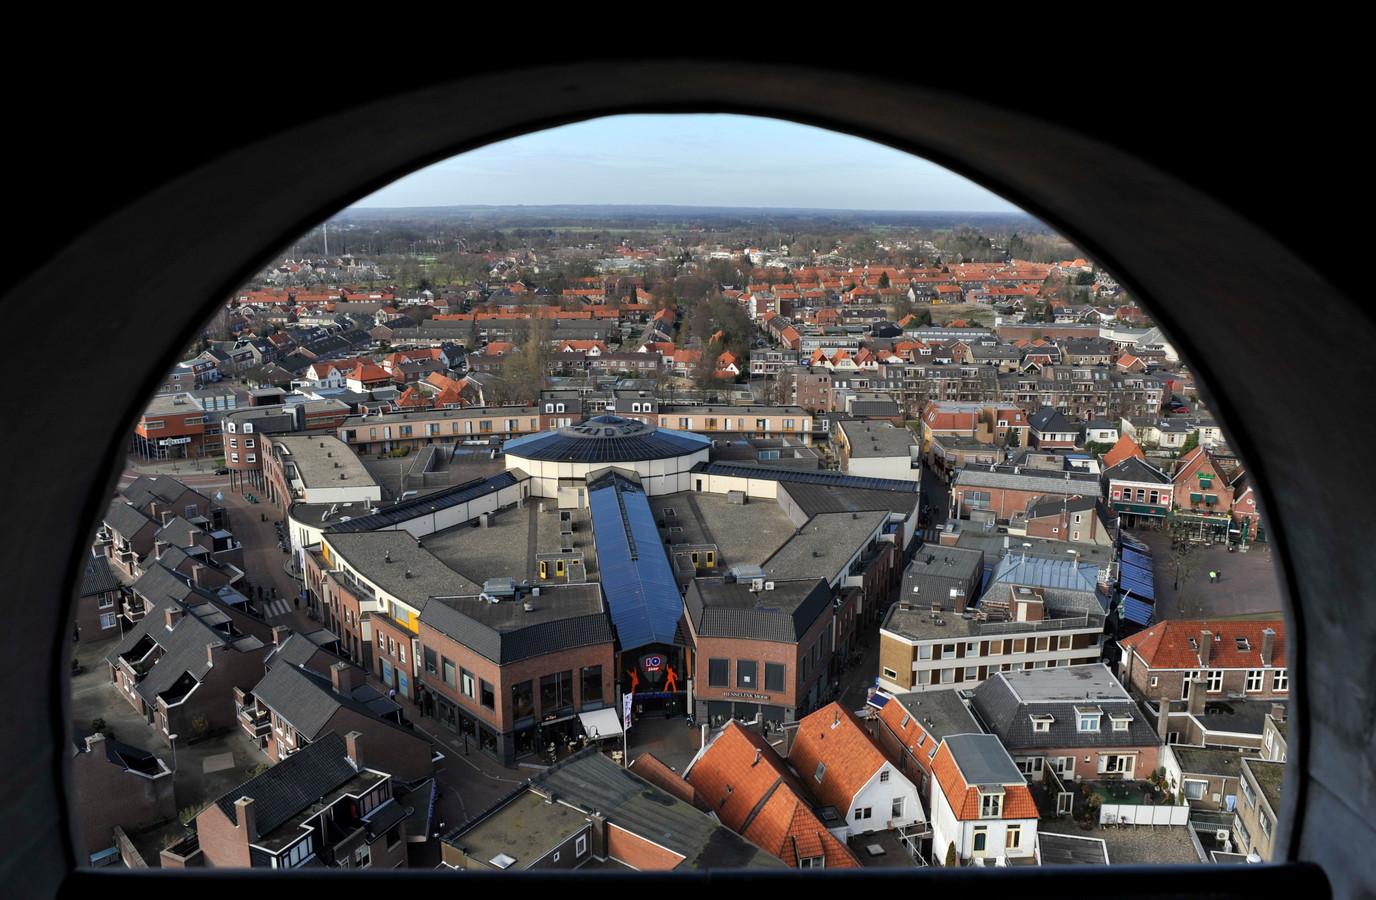 Het centrum van Oldenzaal gezien vanuit de Plechelmustoren.